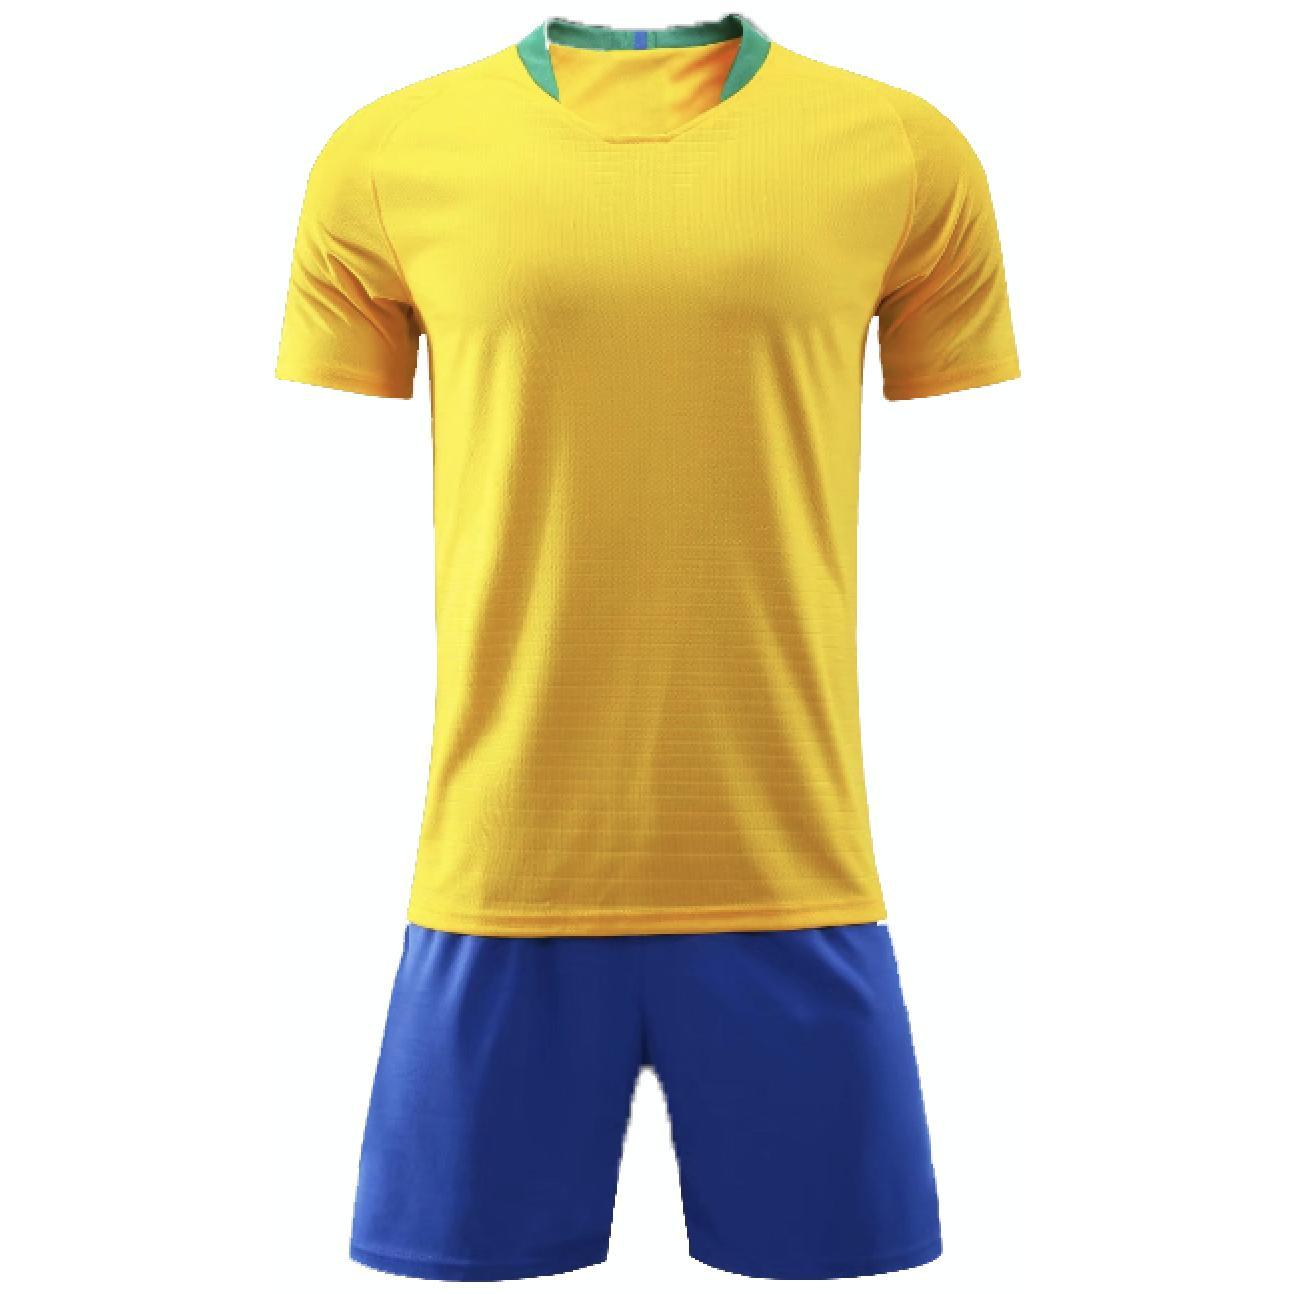 RIO (amarillo)